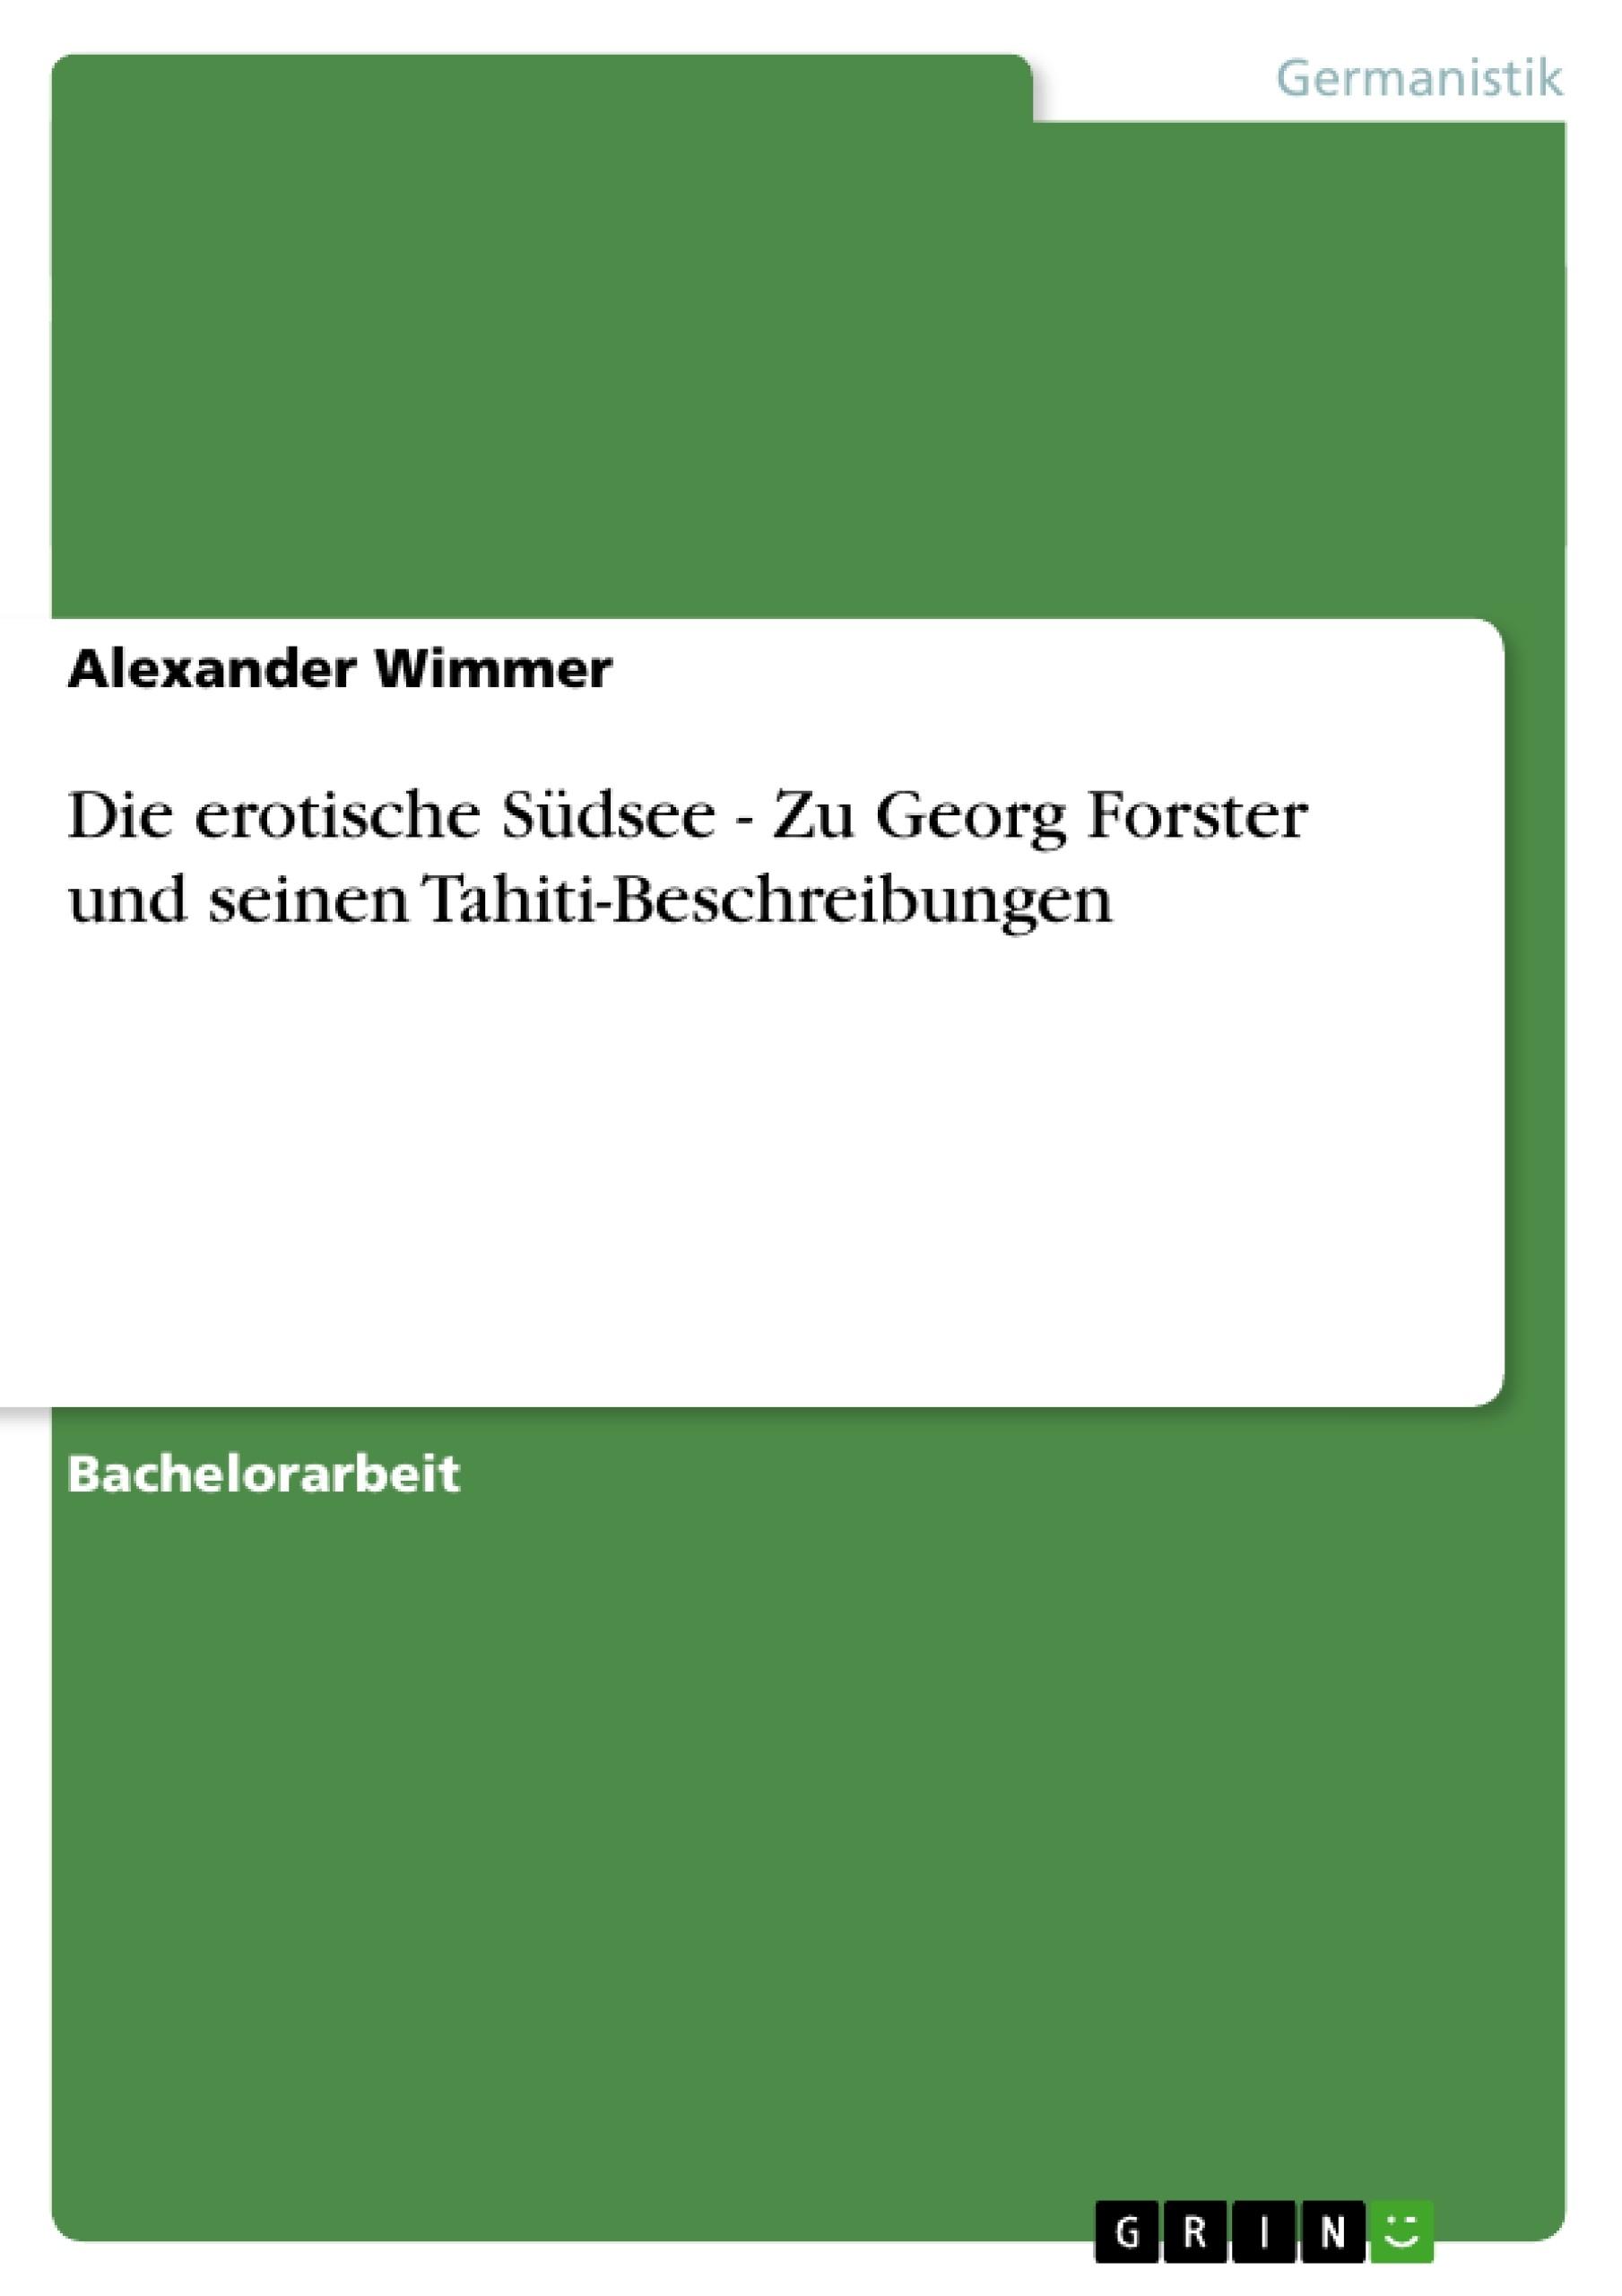 Titel: Die erotische Südsee - Zu Georg Forster und seinen Tahiti-Beschreibungen